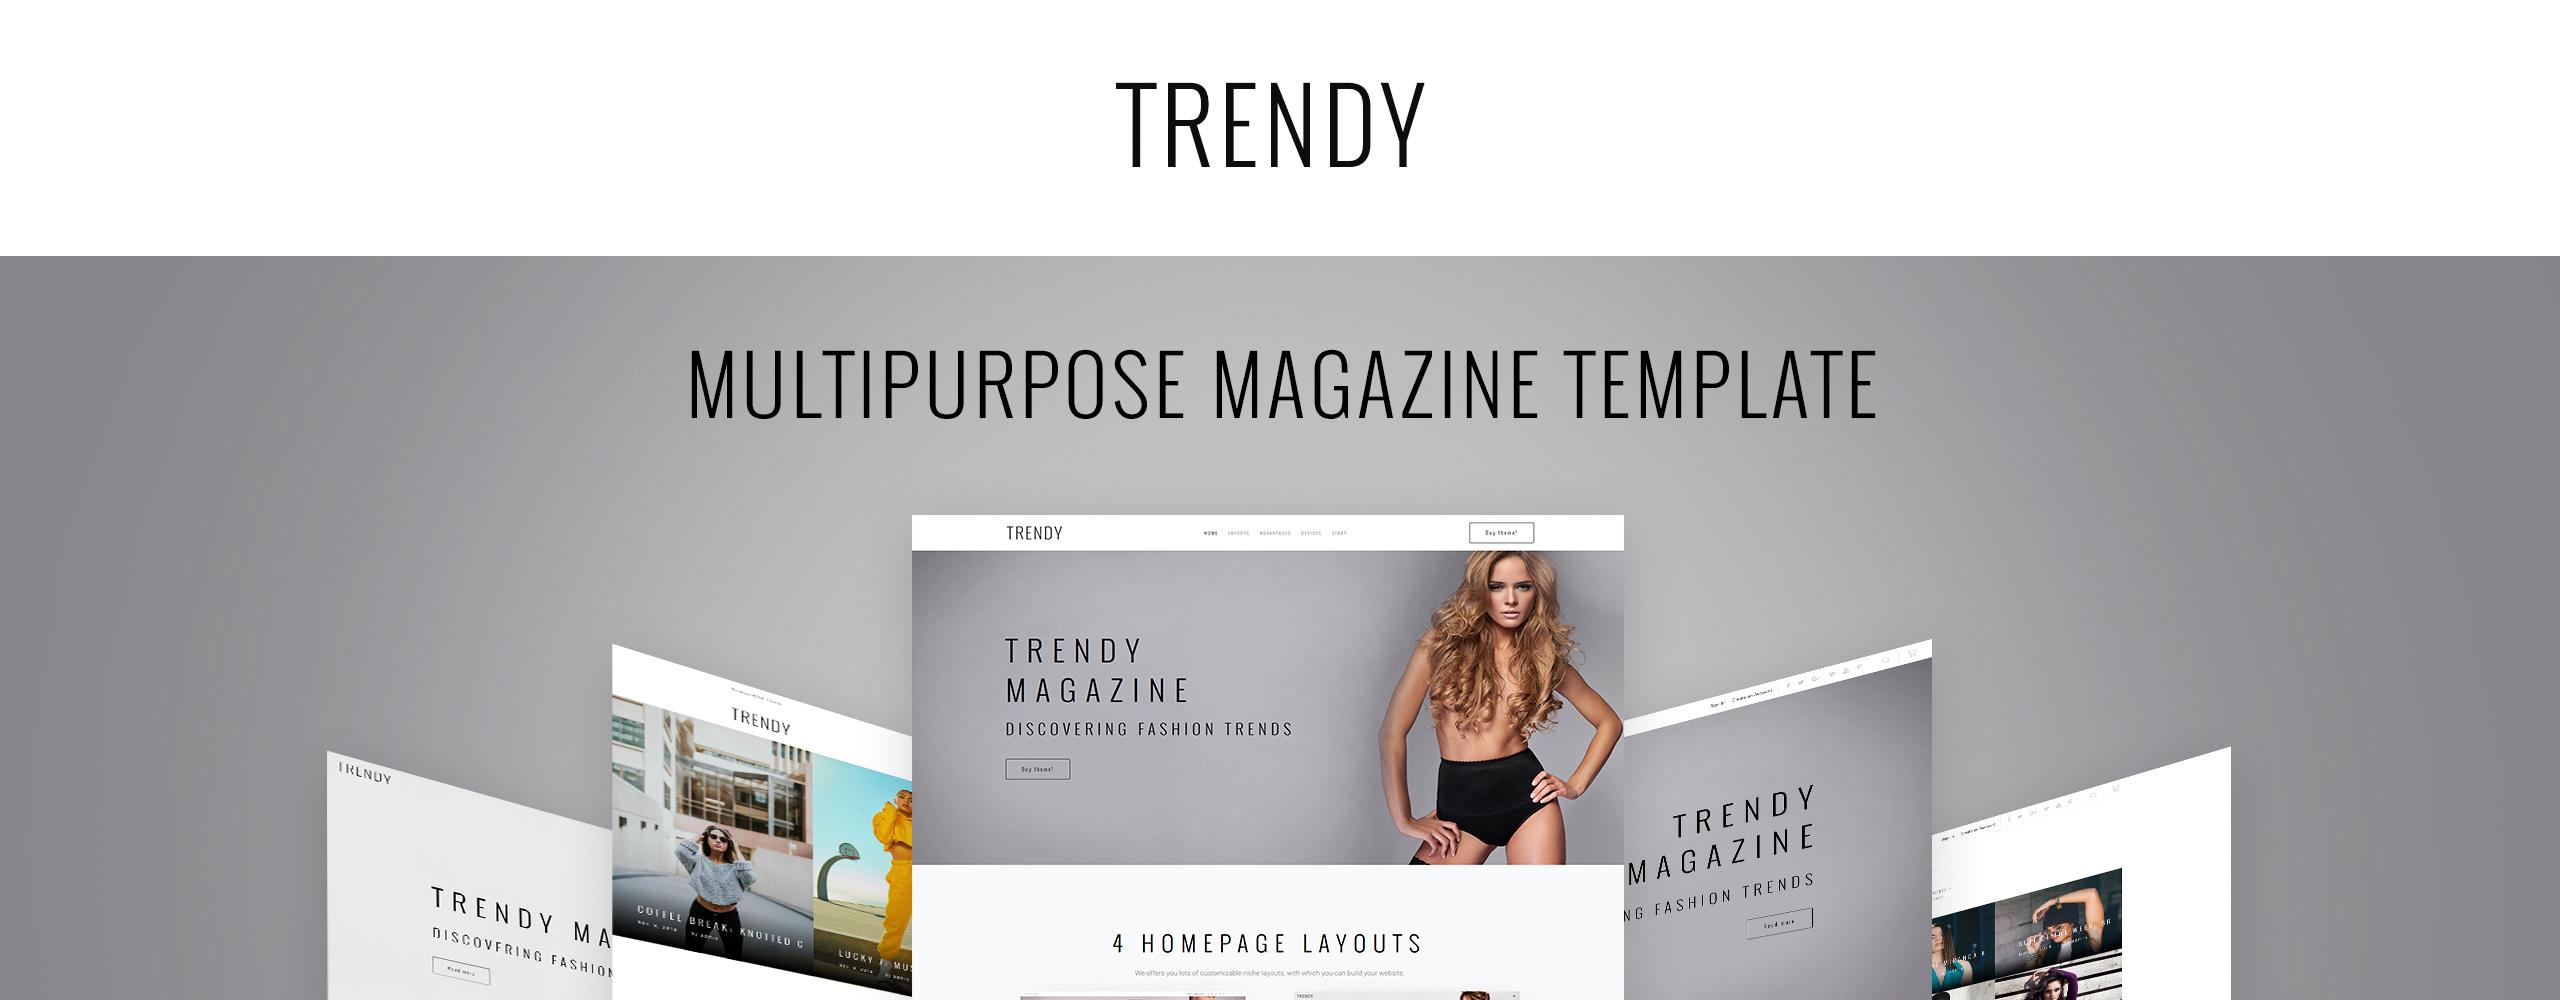 Trendy Website Template